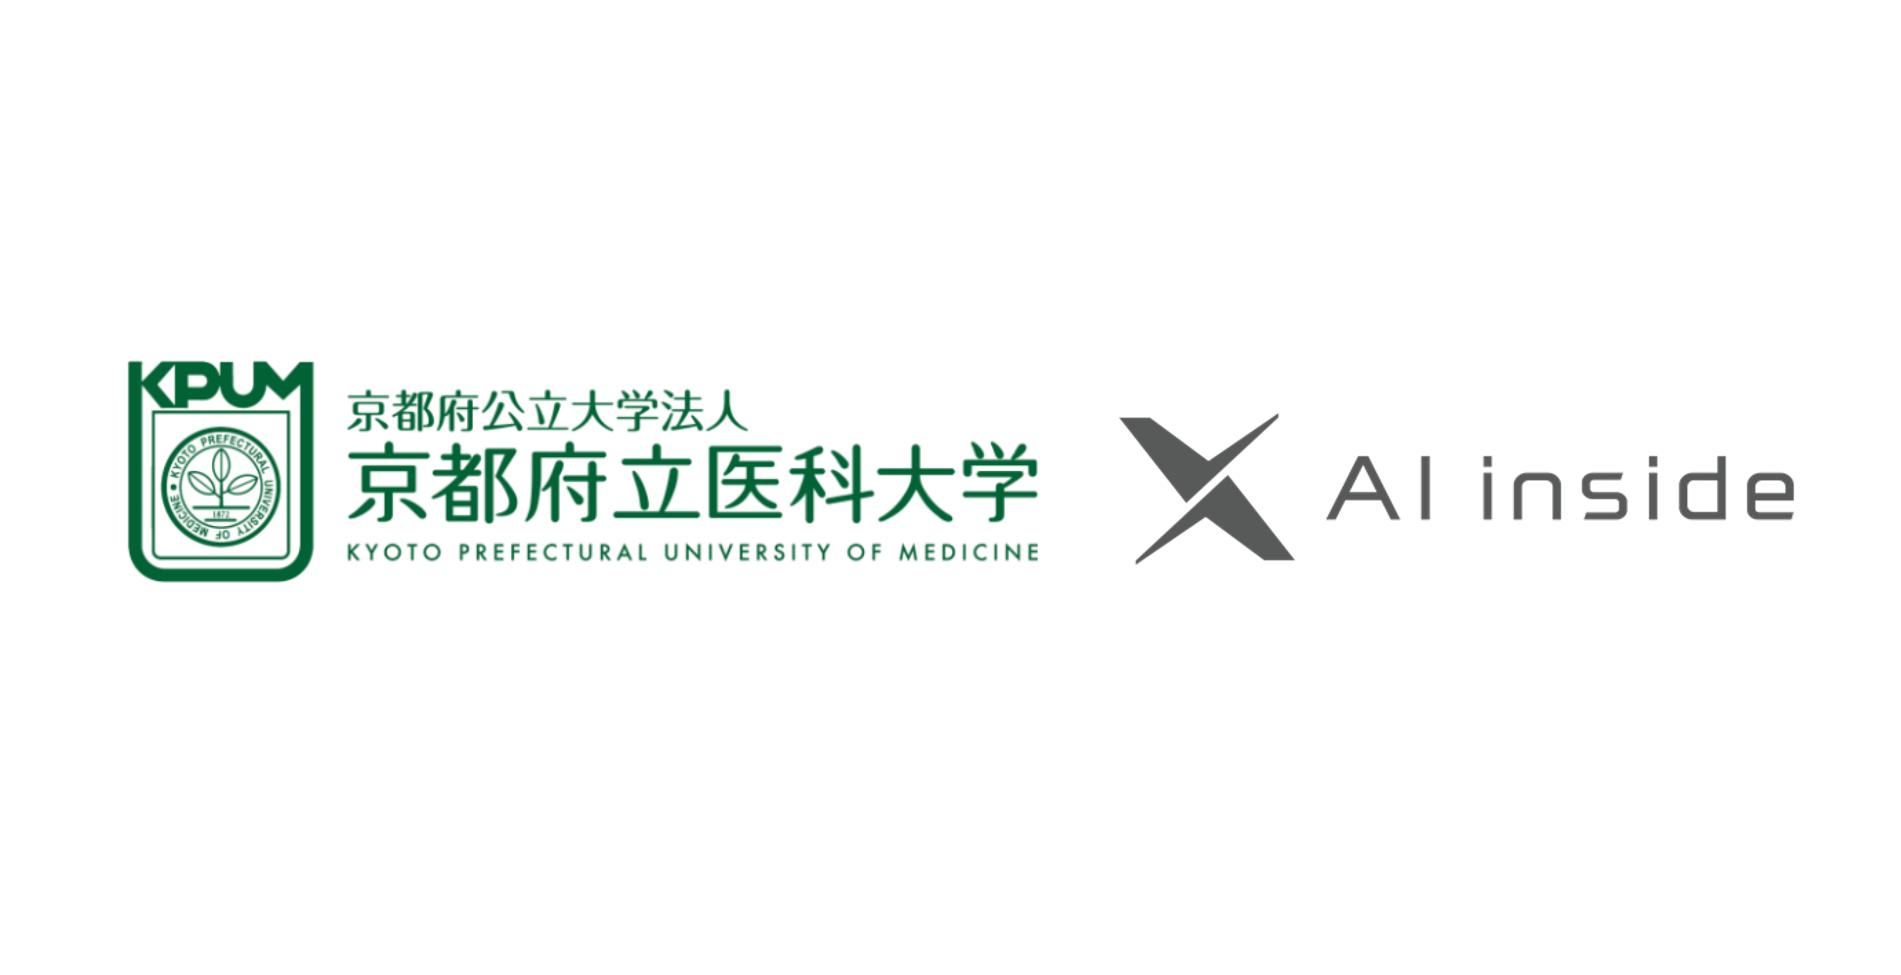 京都府立医科大学と眼表面疾患診断を補助するAIシステムの共同研究を開始、専門性の高い診断をAIがサポートし医療の地域格差解消を目指す